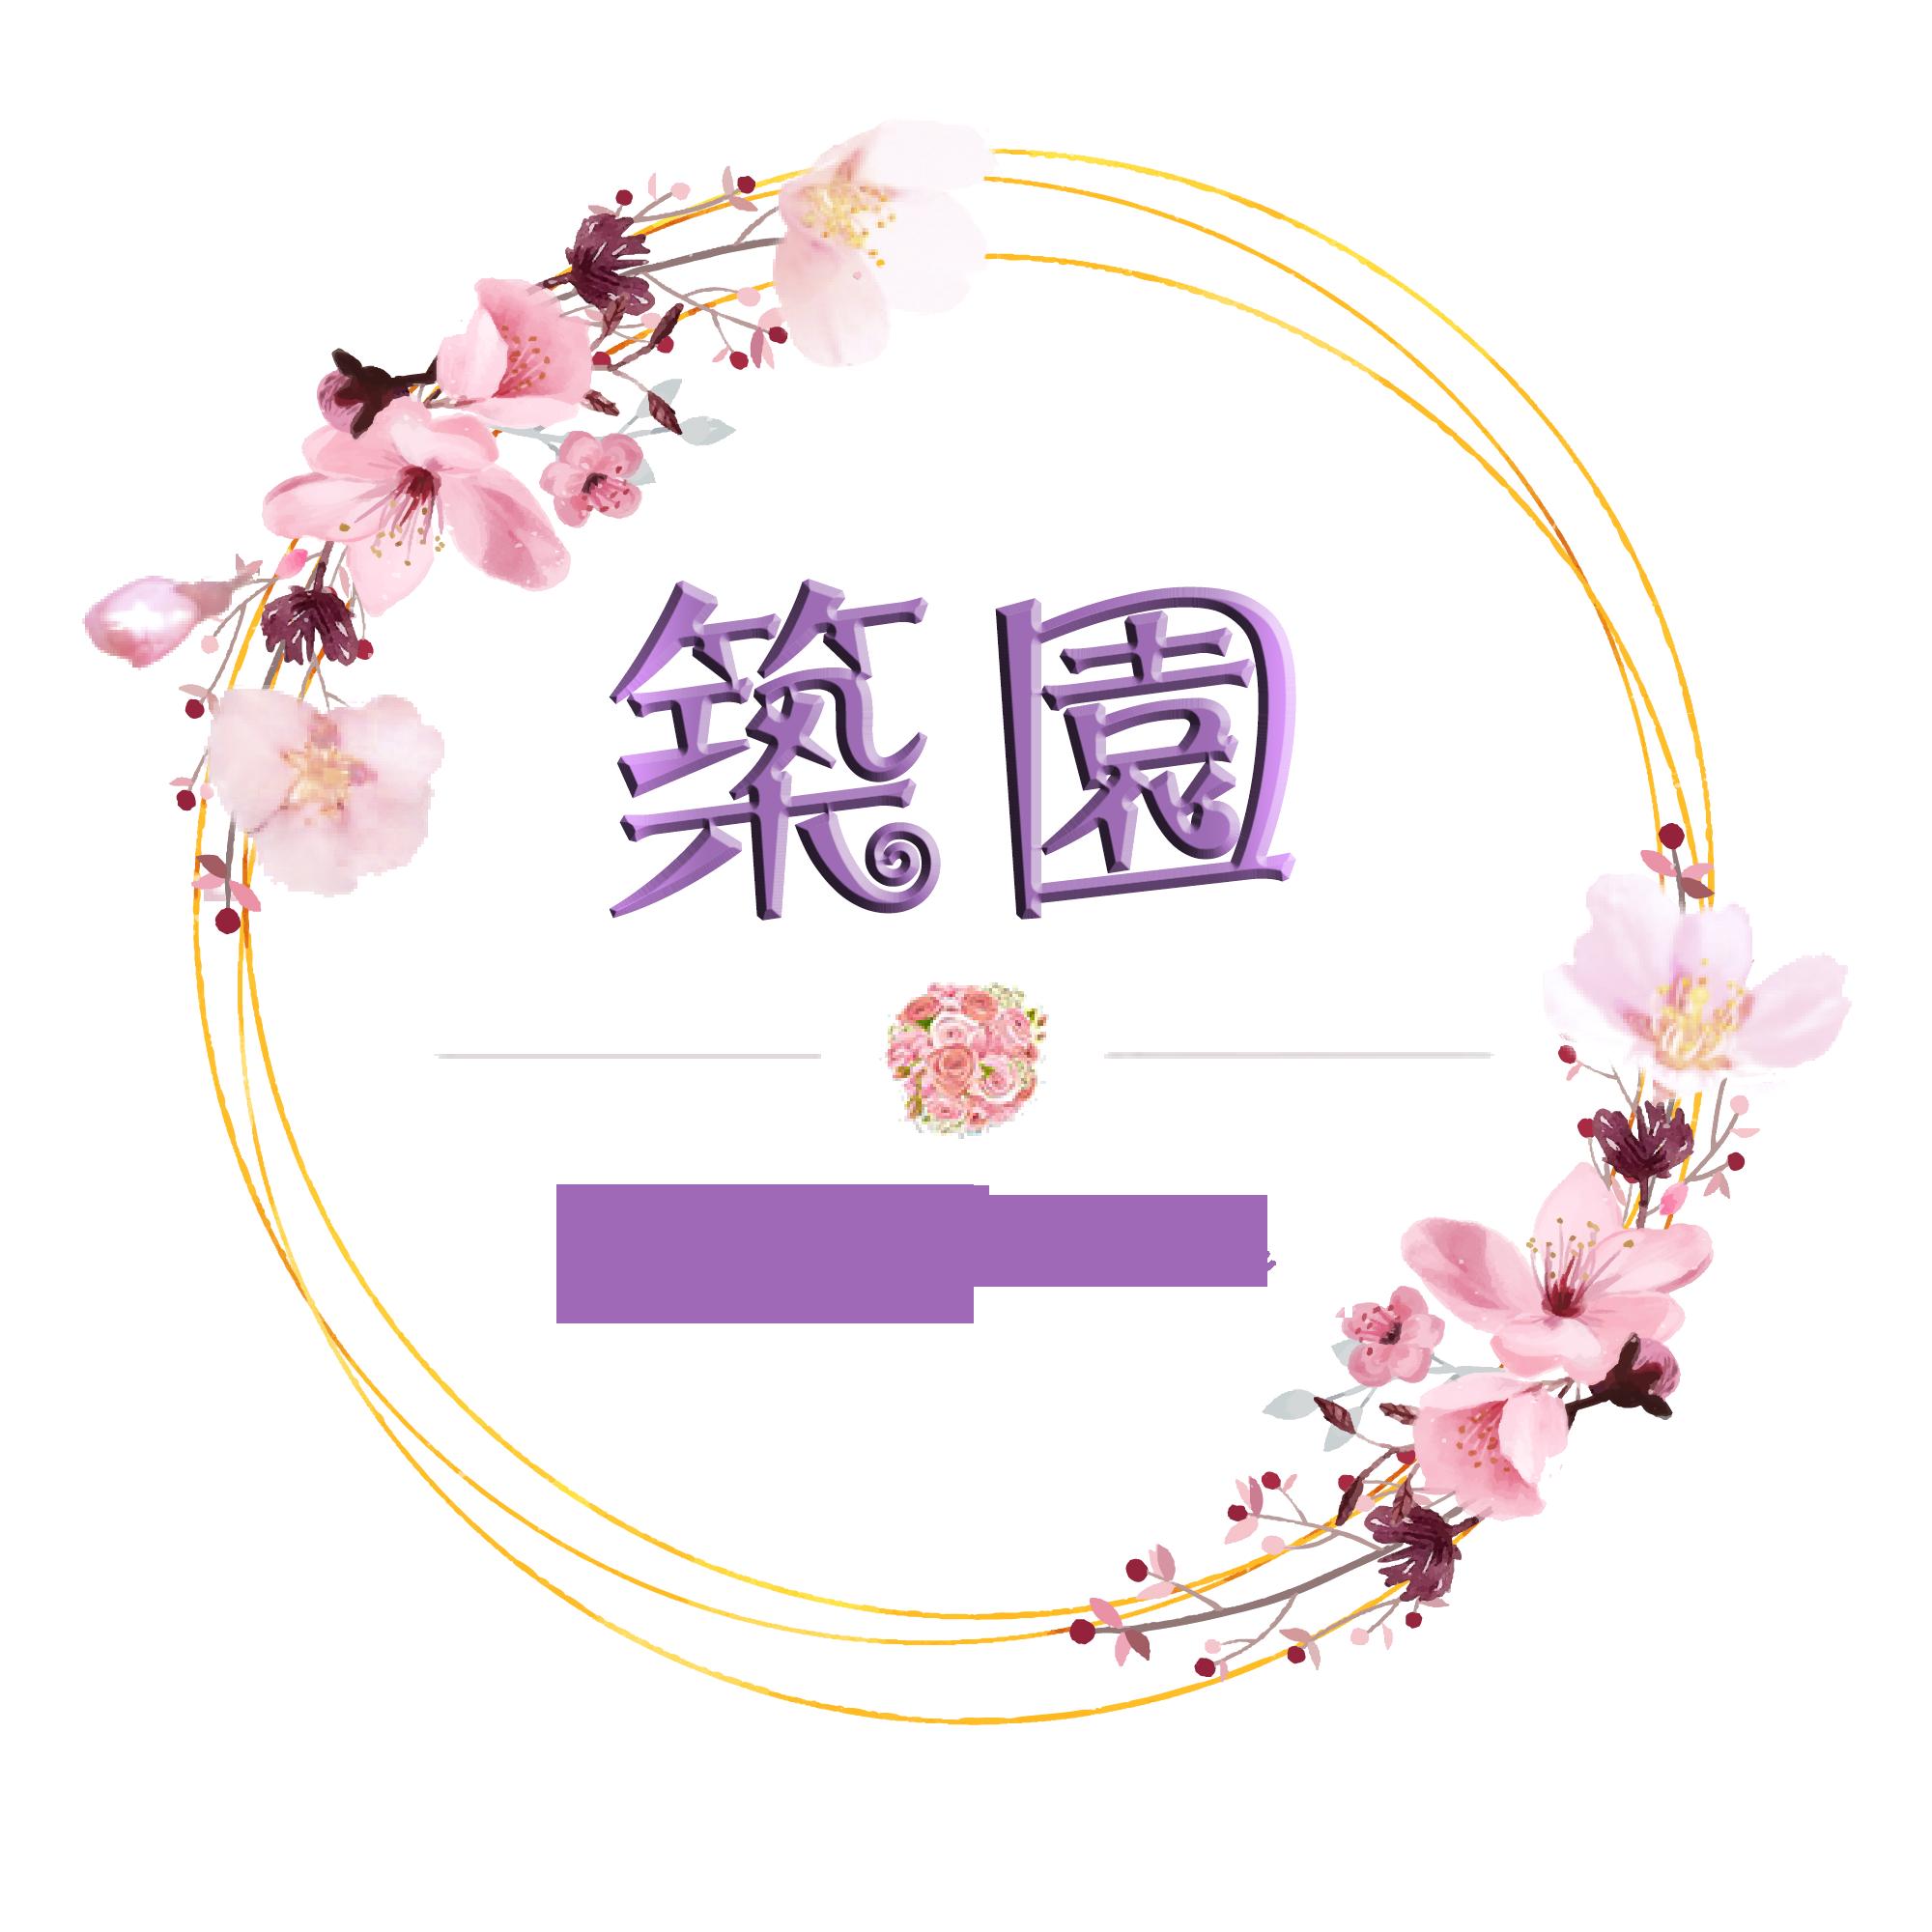 婚禮佈置 | 築園專業婚禮佈置